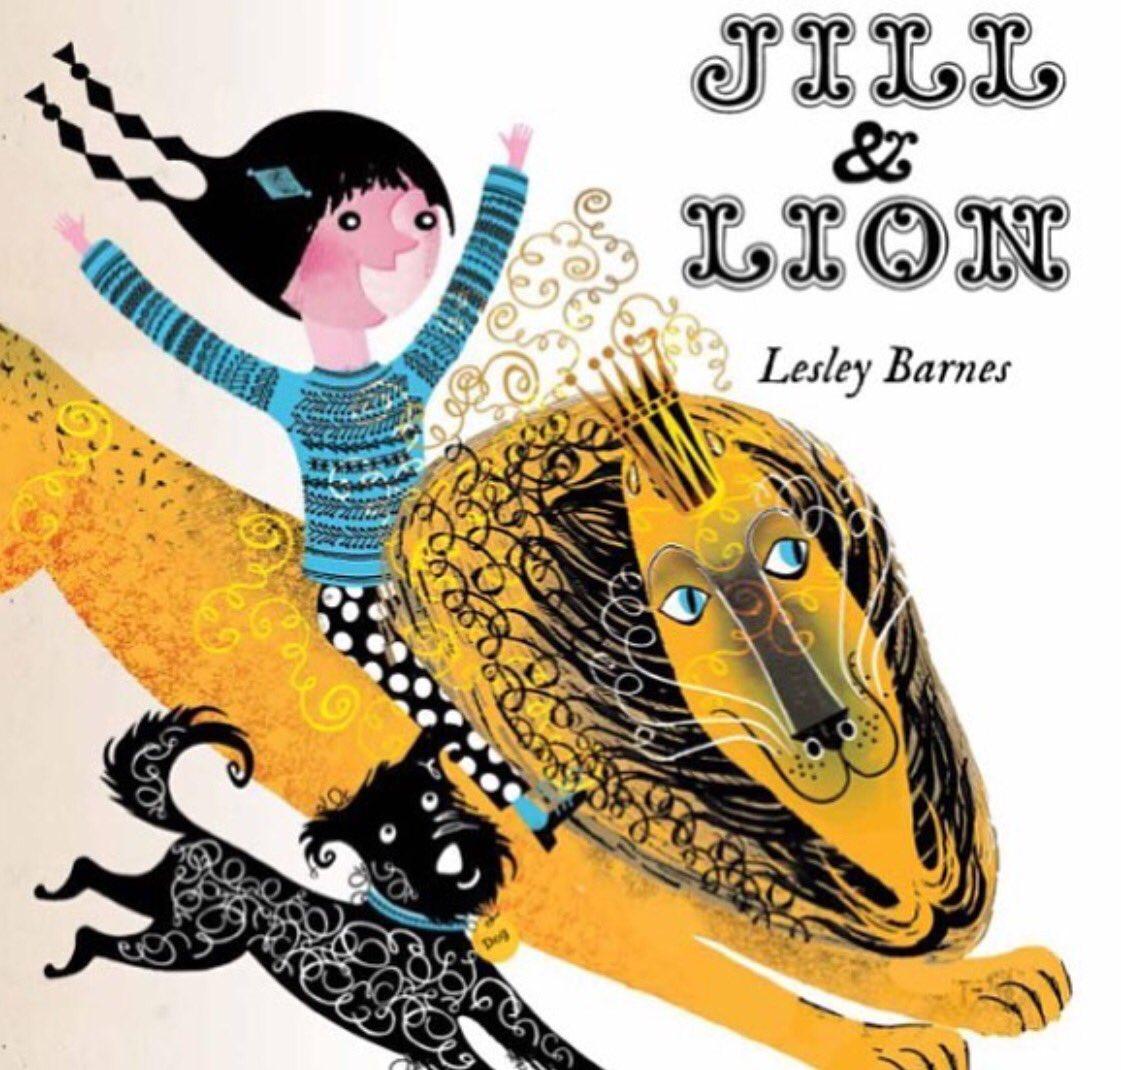 Jill & Lion